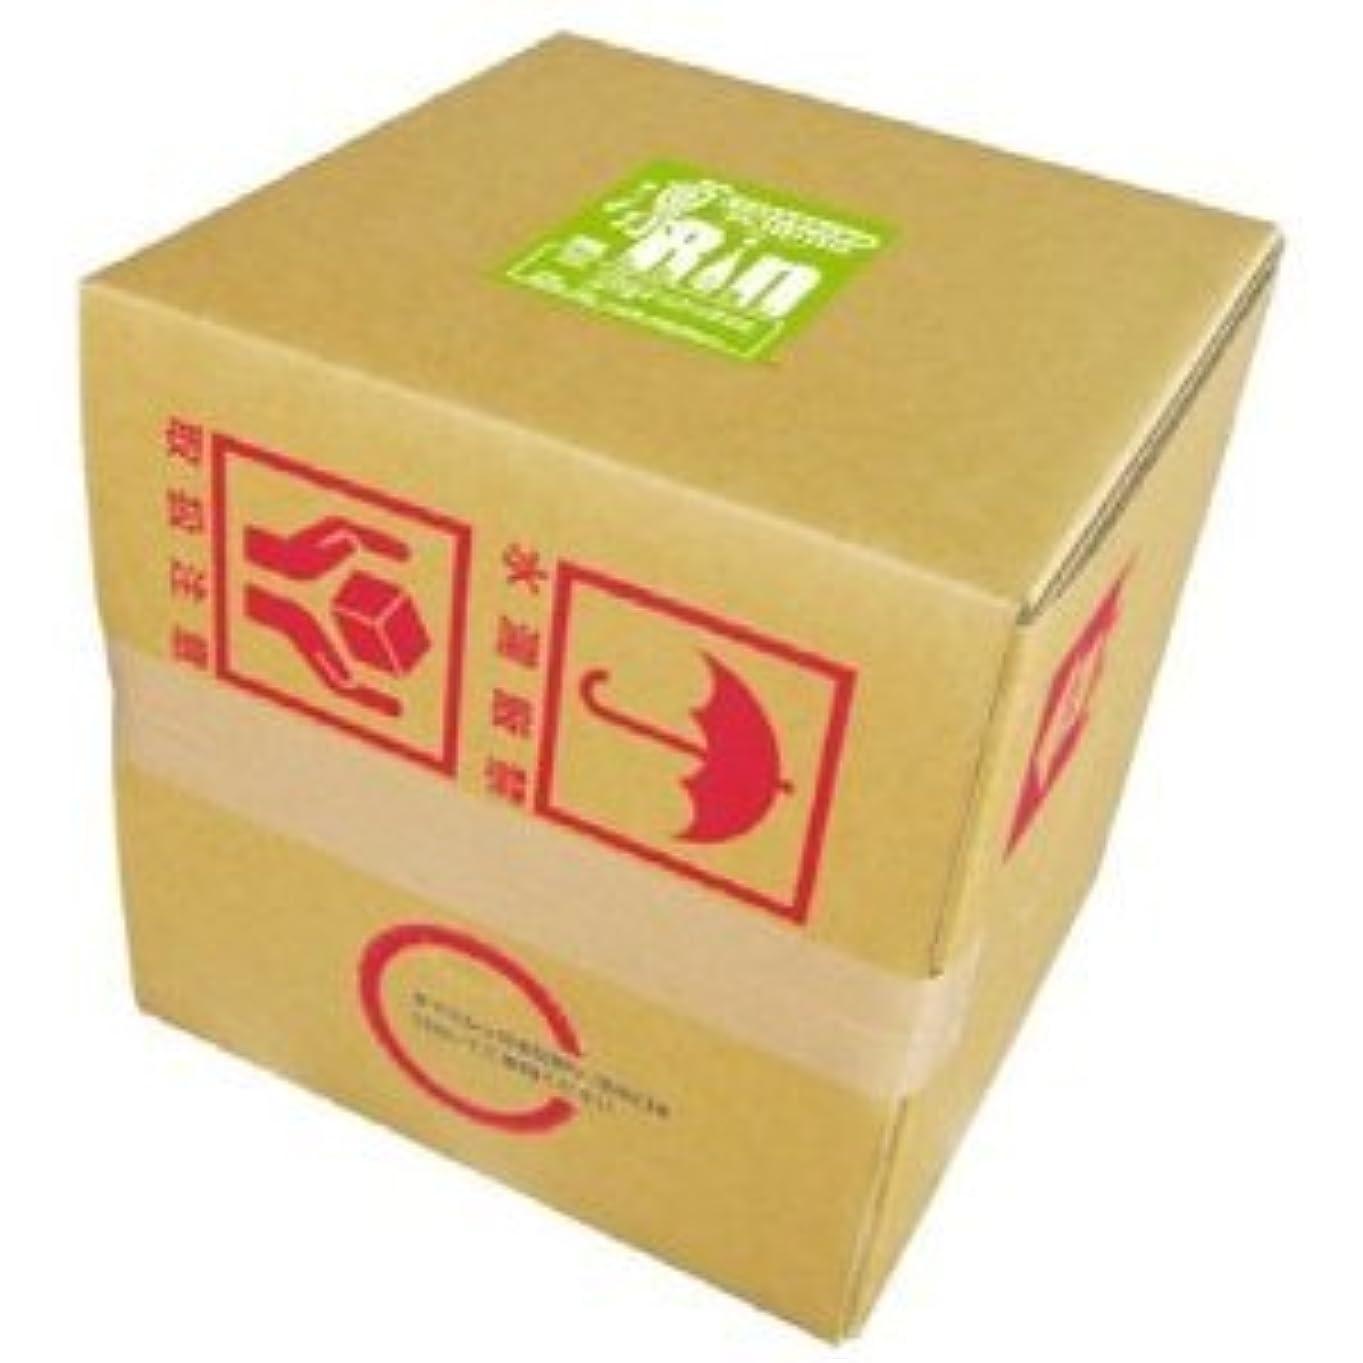 繊細麦芽メッセンジャーくさの葉化粧品 ボディソープ 凛 20リットル 箱